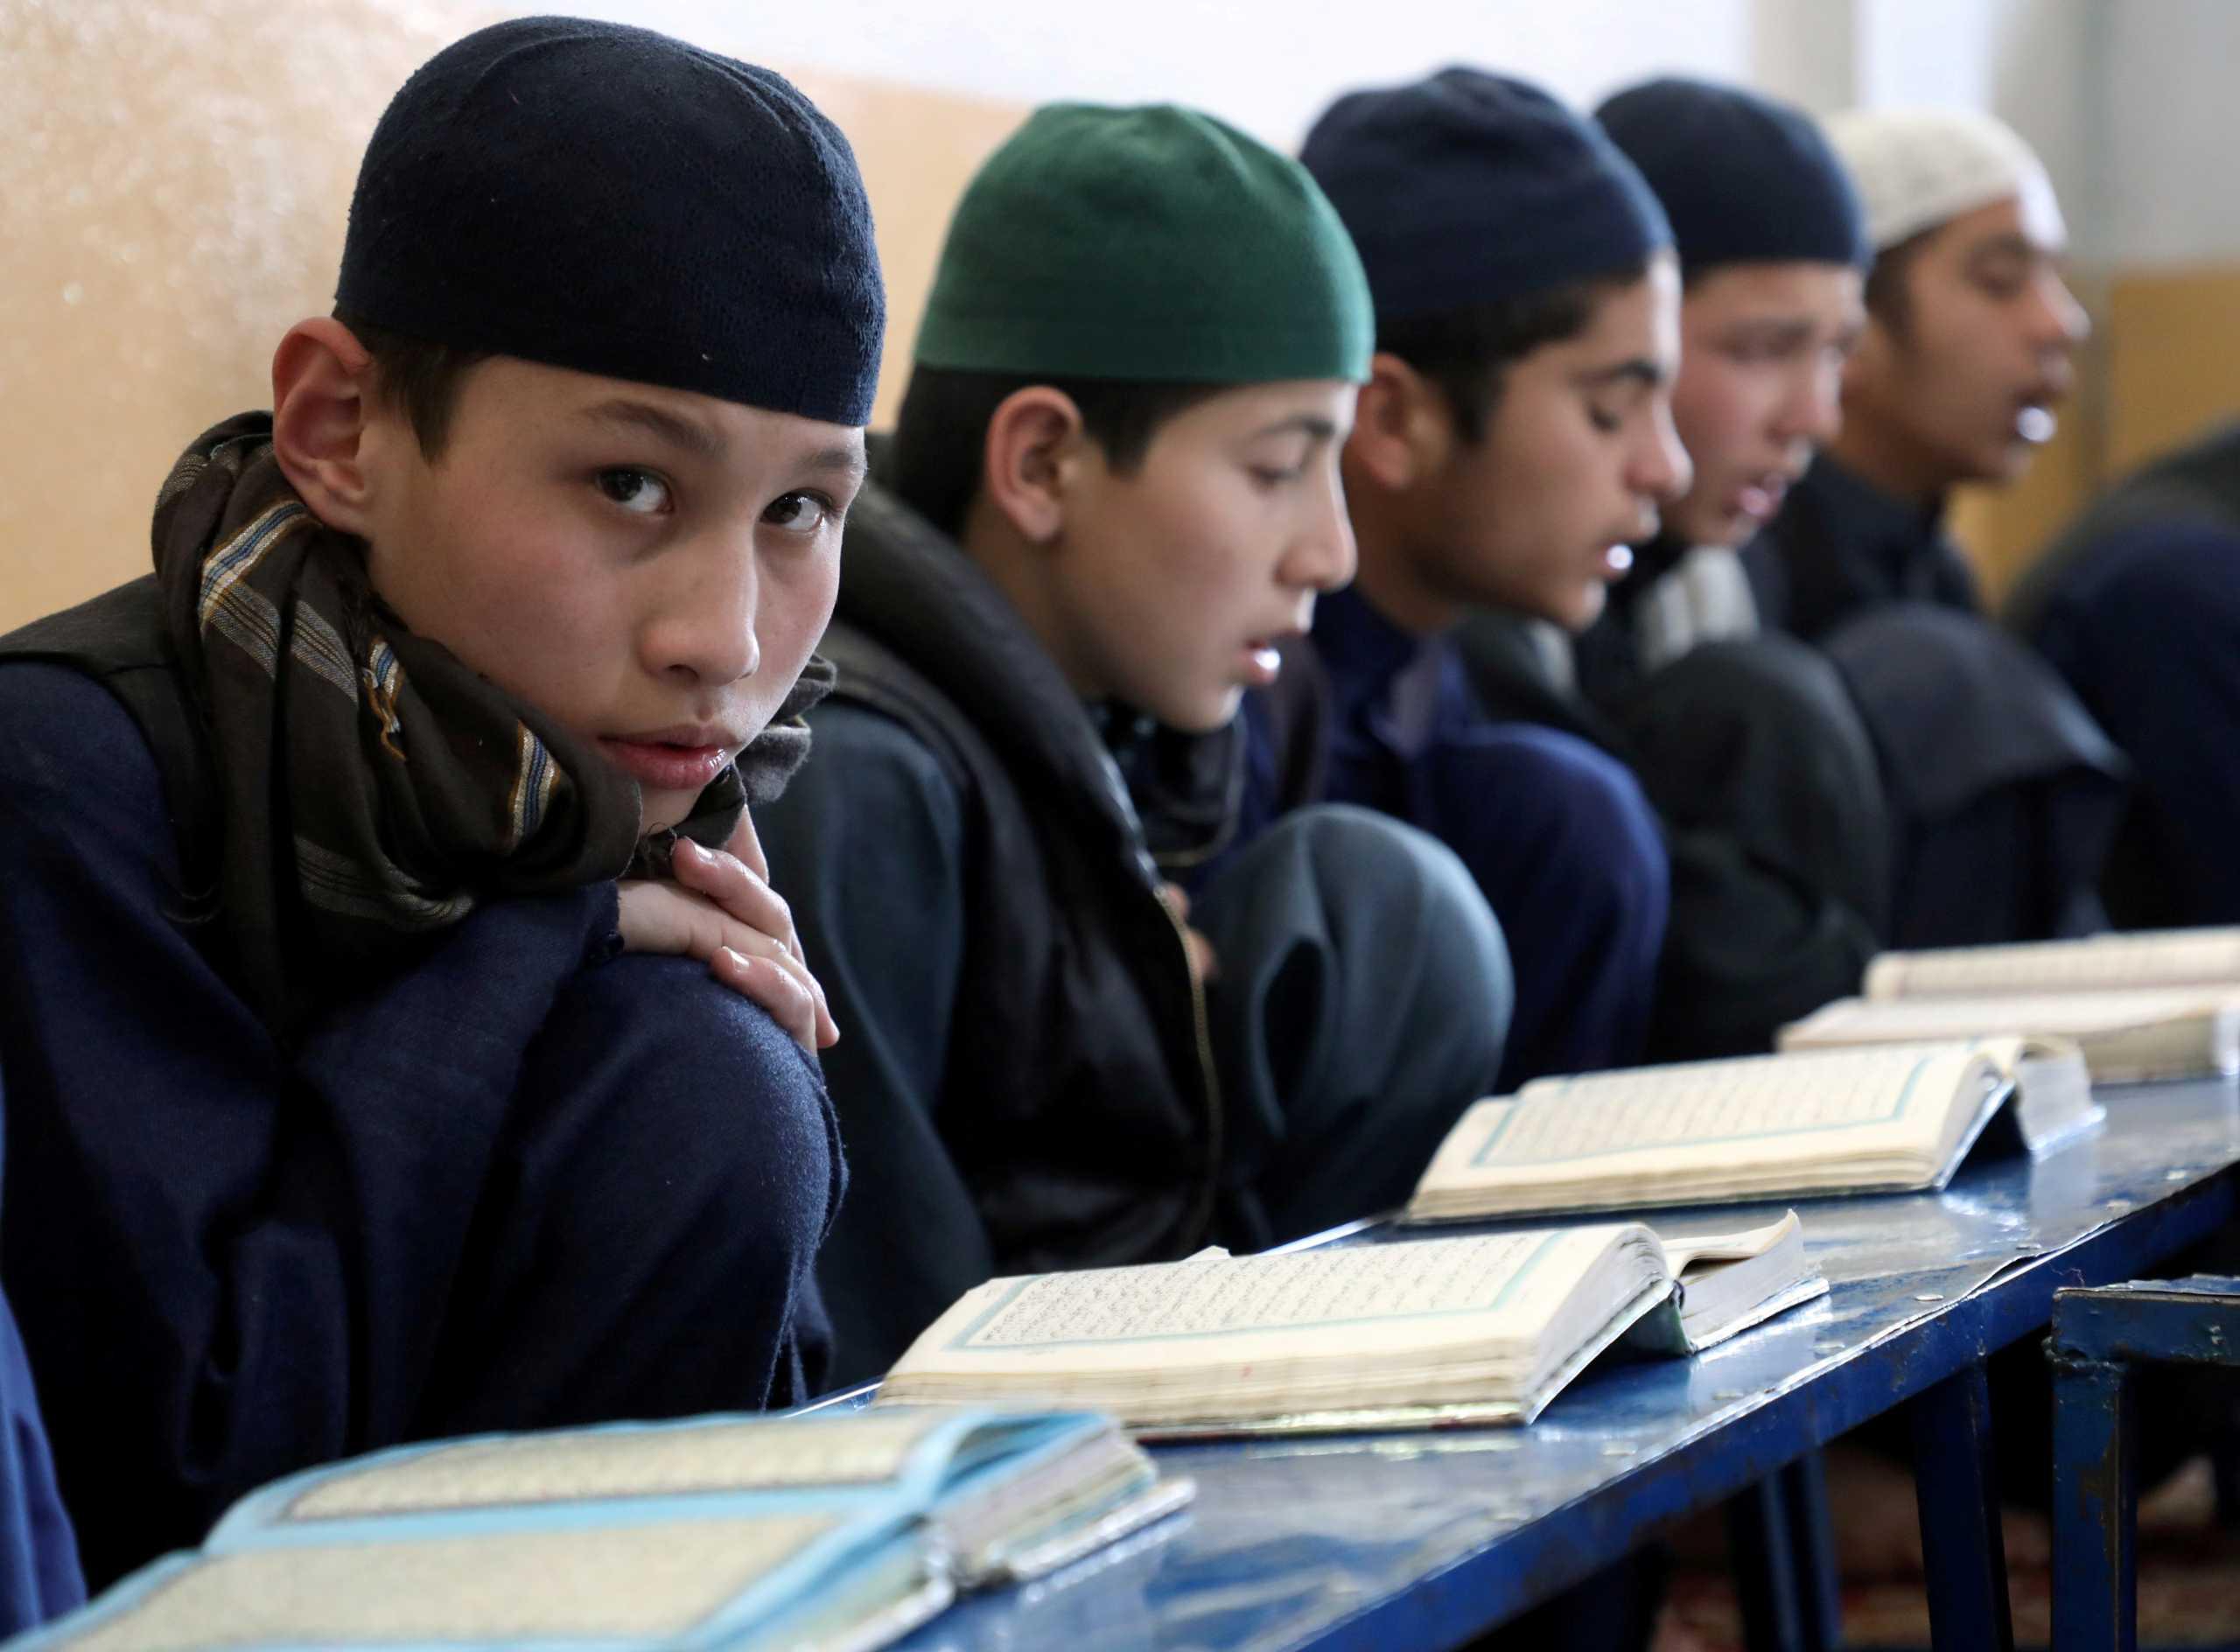 Αφγανιστάν: Οι Ταλιμπάν ανοίγουν τα σχολεία για τα αγόρια